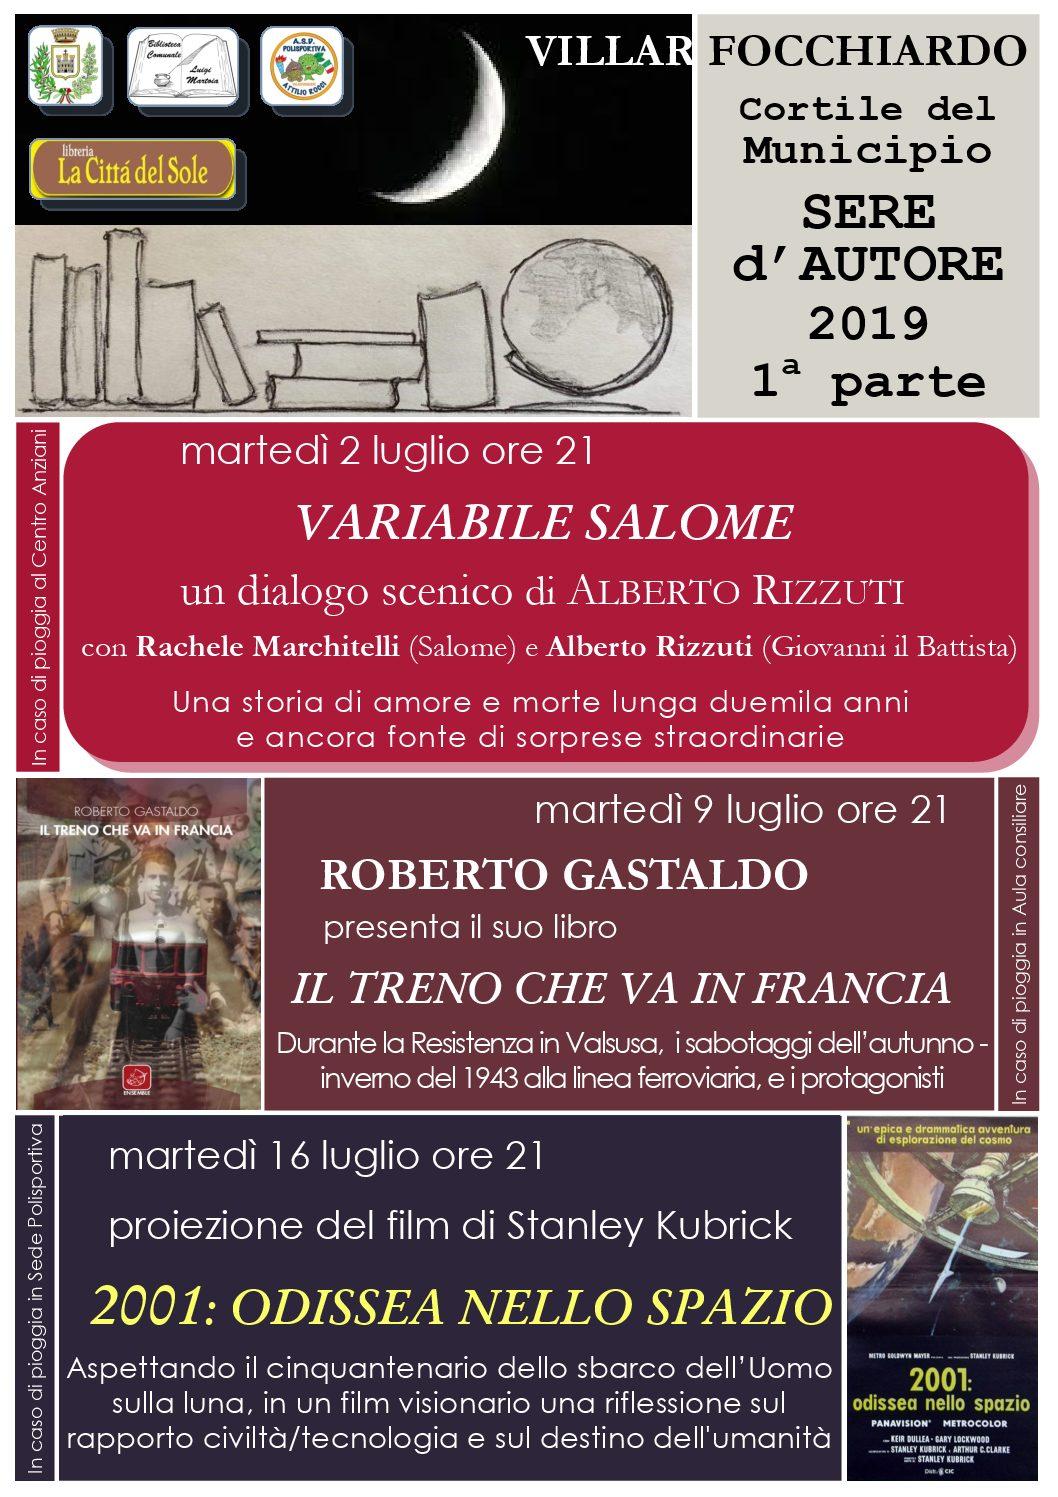 Sere d'autore 2019 a Villar Focchiardo